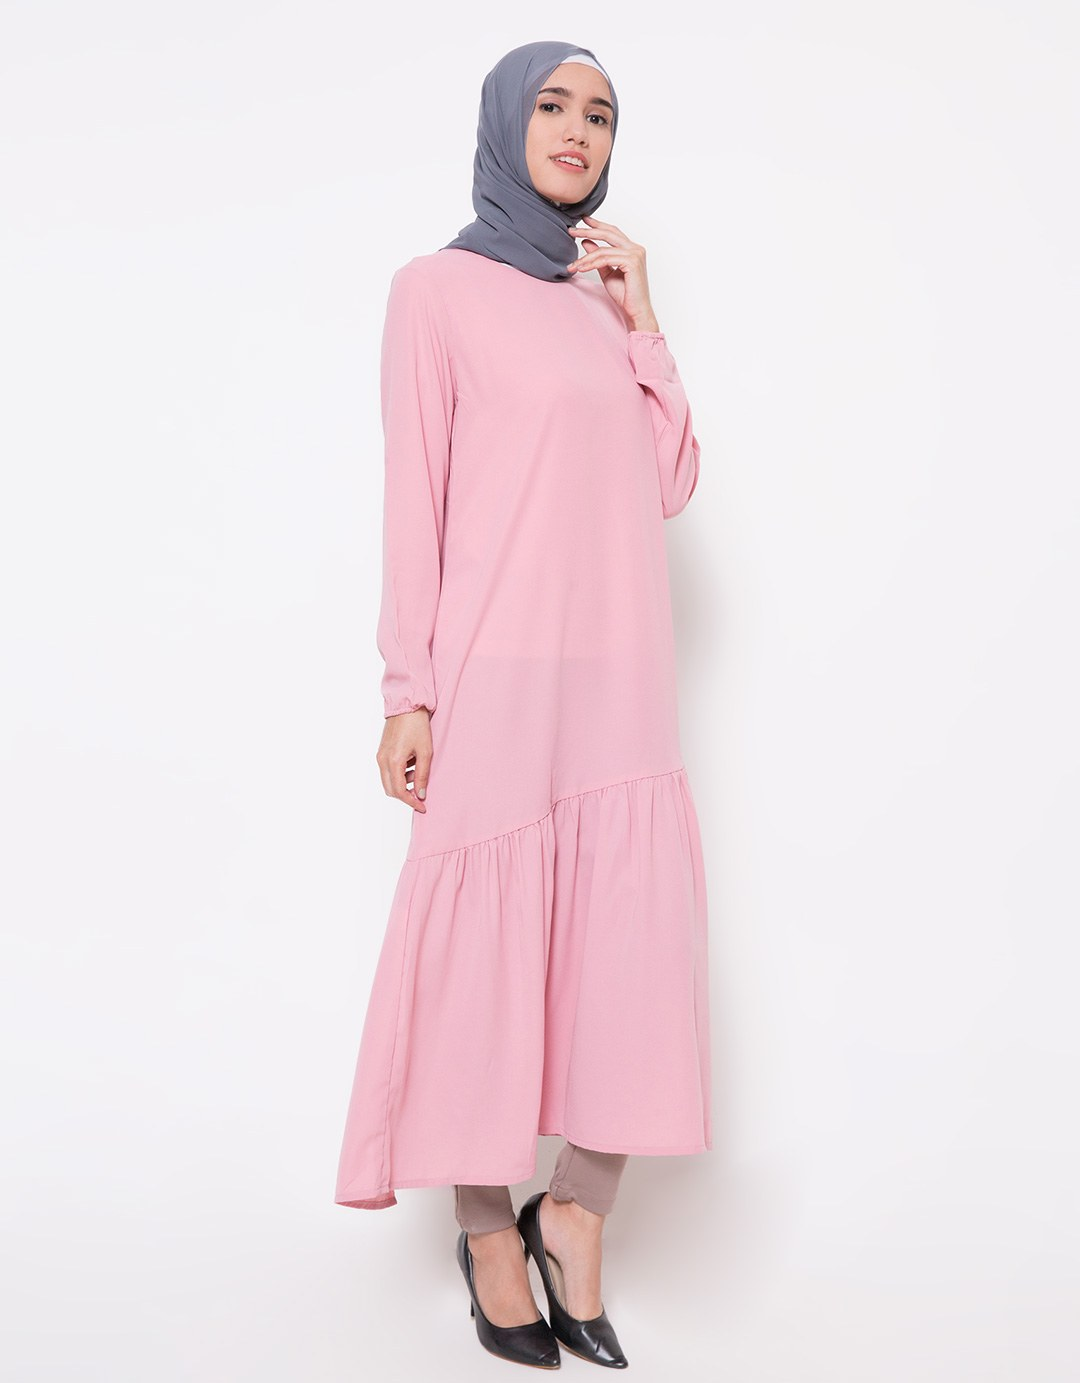 Ide Baju Lebaran Untuk orang Tua 9ddf Baju Lebaran Untuk orang Tua Gambar islami